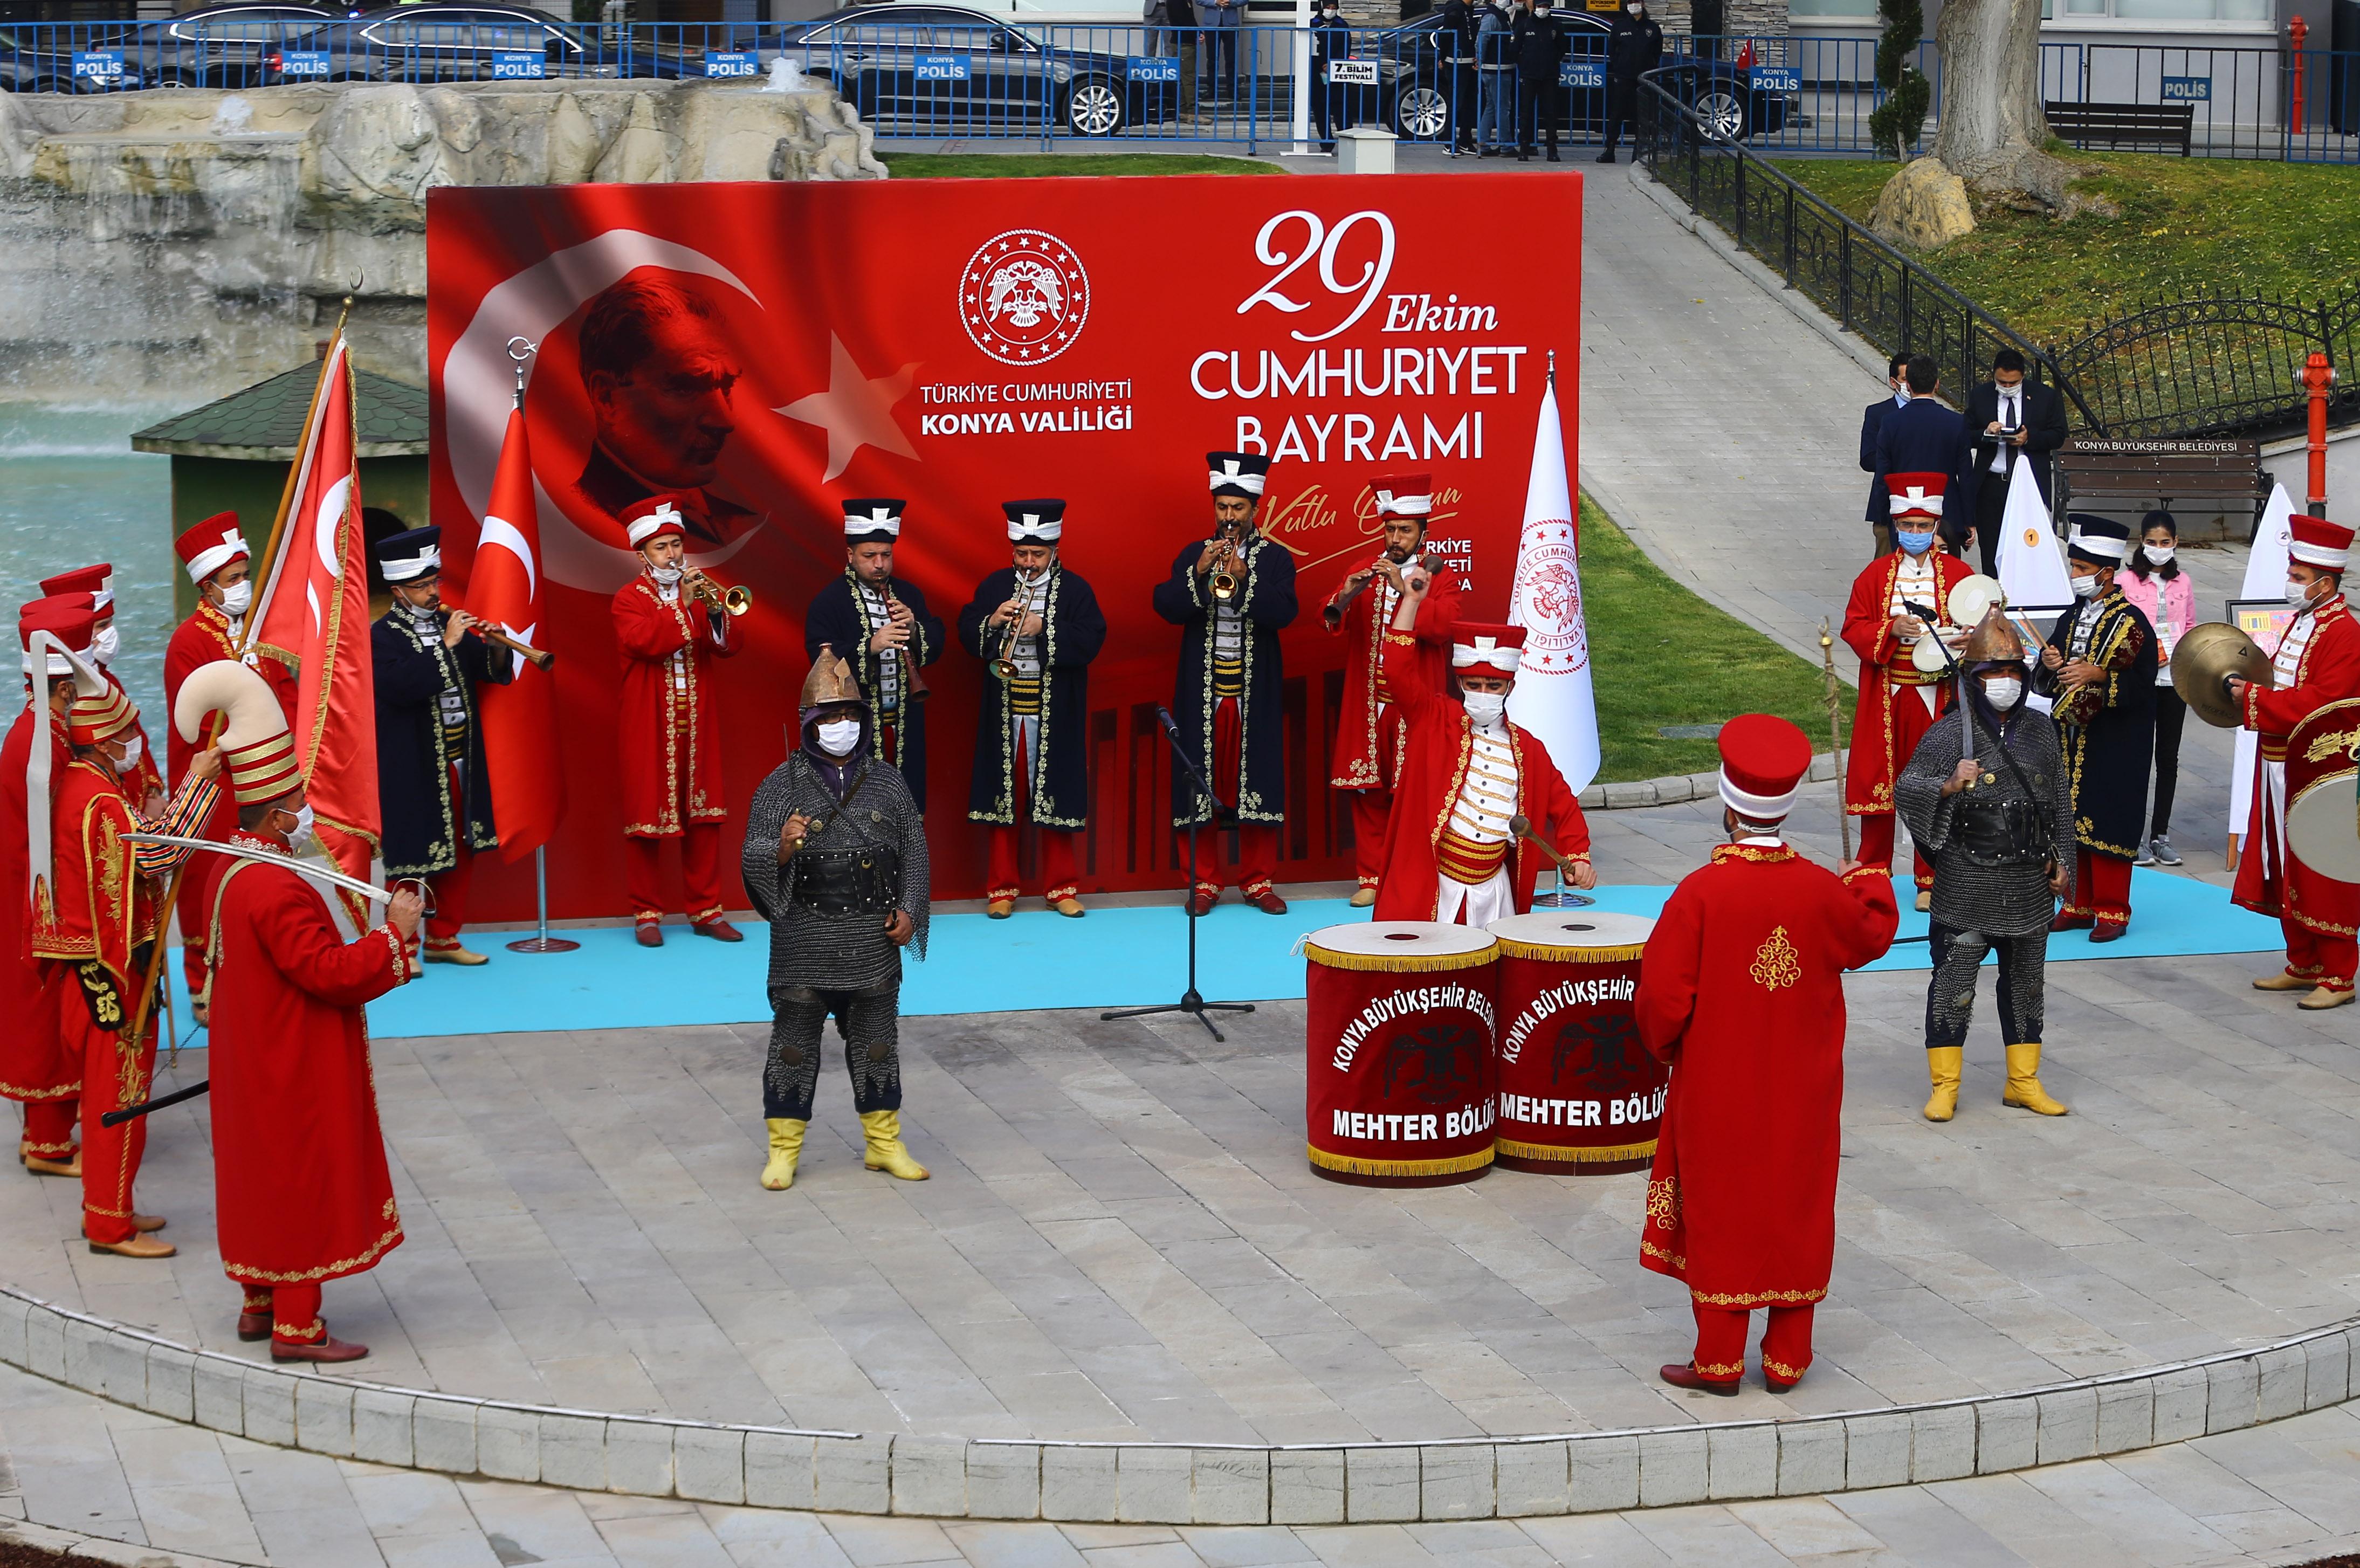 konya-kultur-parkta-29-ekim-1.jpg